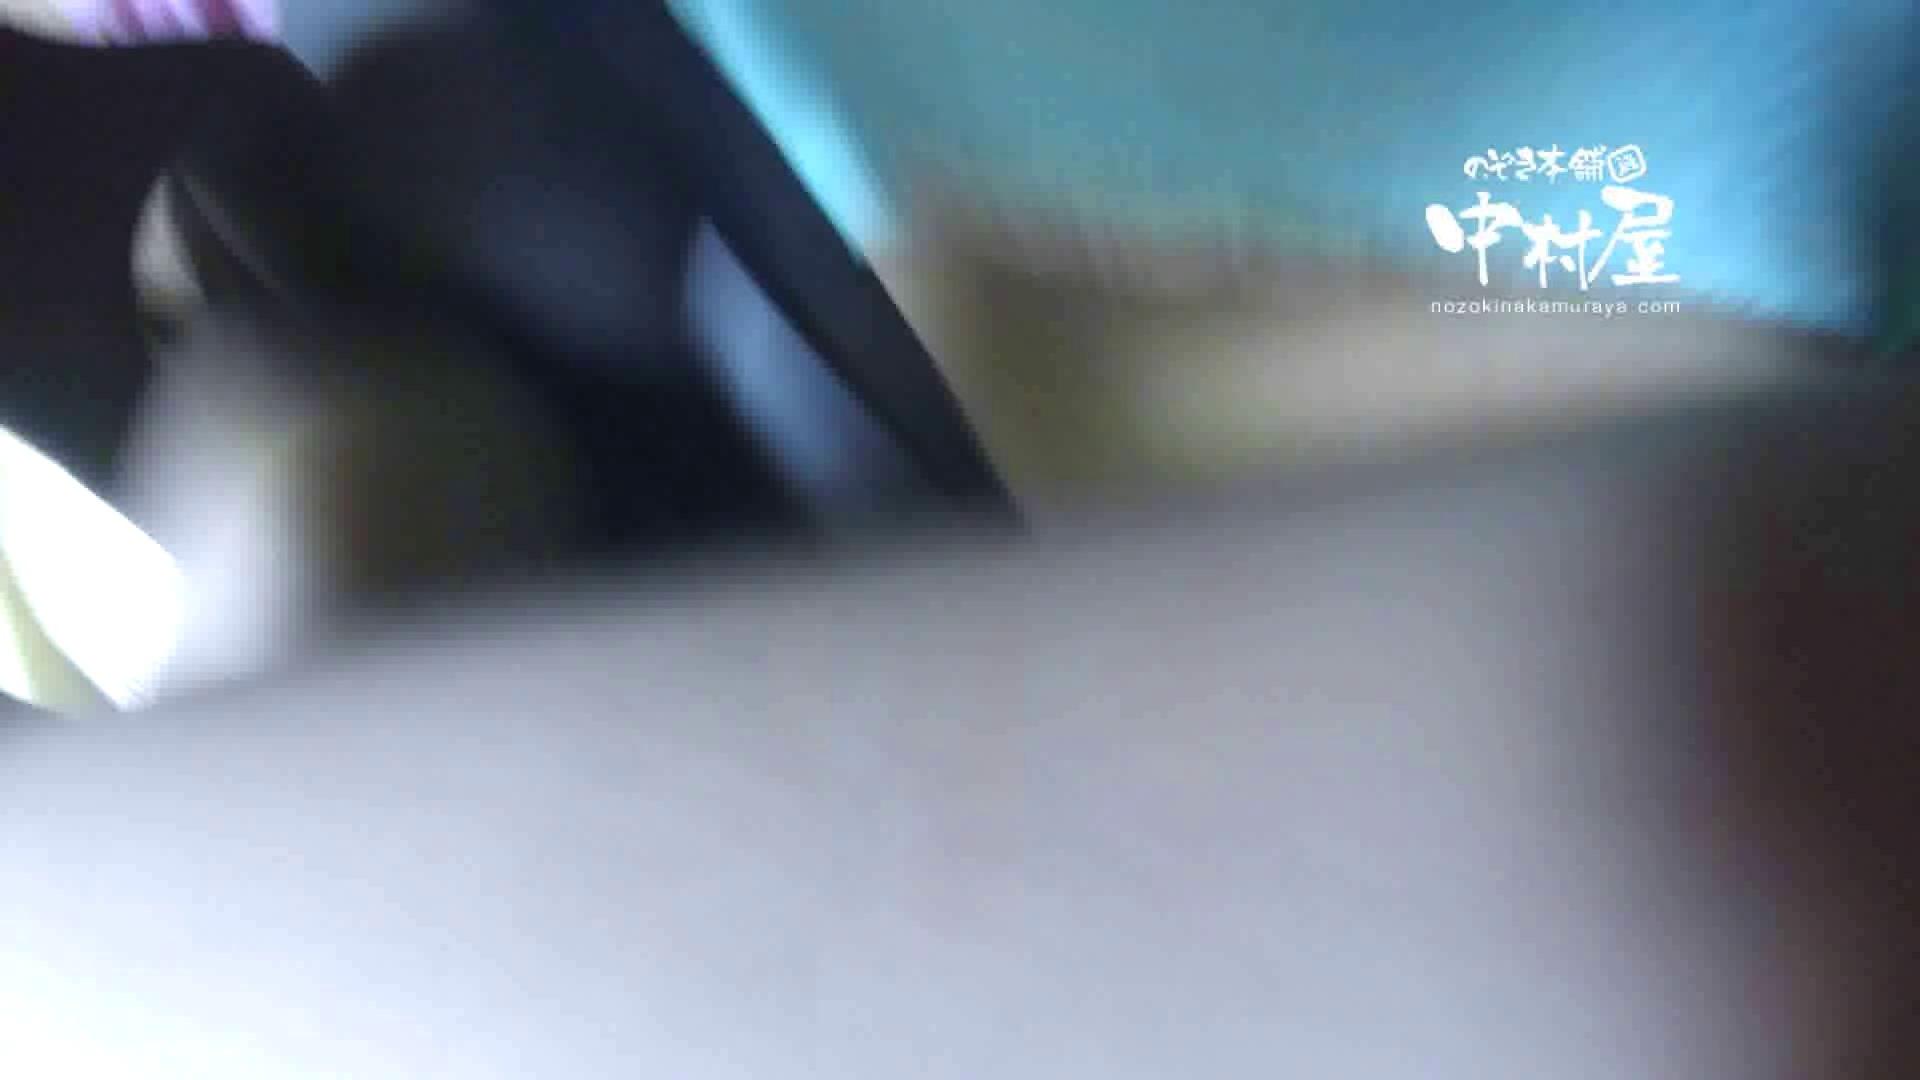 鬼畜 vol.18 居酒屋バイト時代の同僚に中出ししてみる 前編 OLエロ画像 のぞき濡れ場動画紹介 73PICs 44